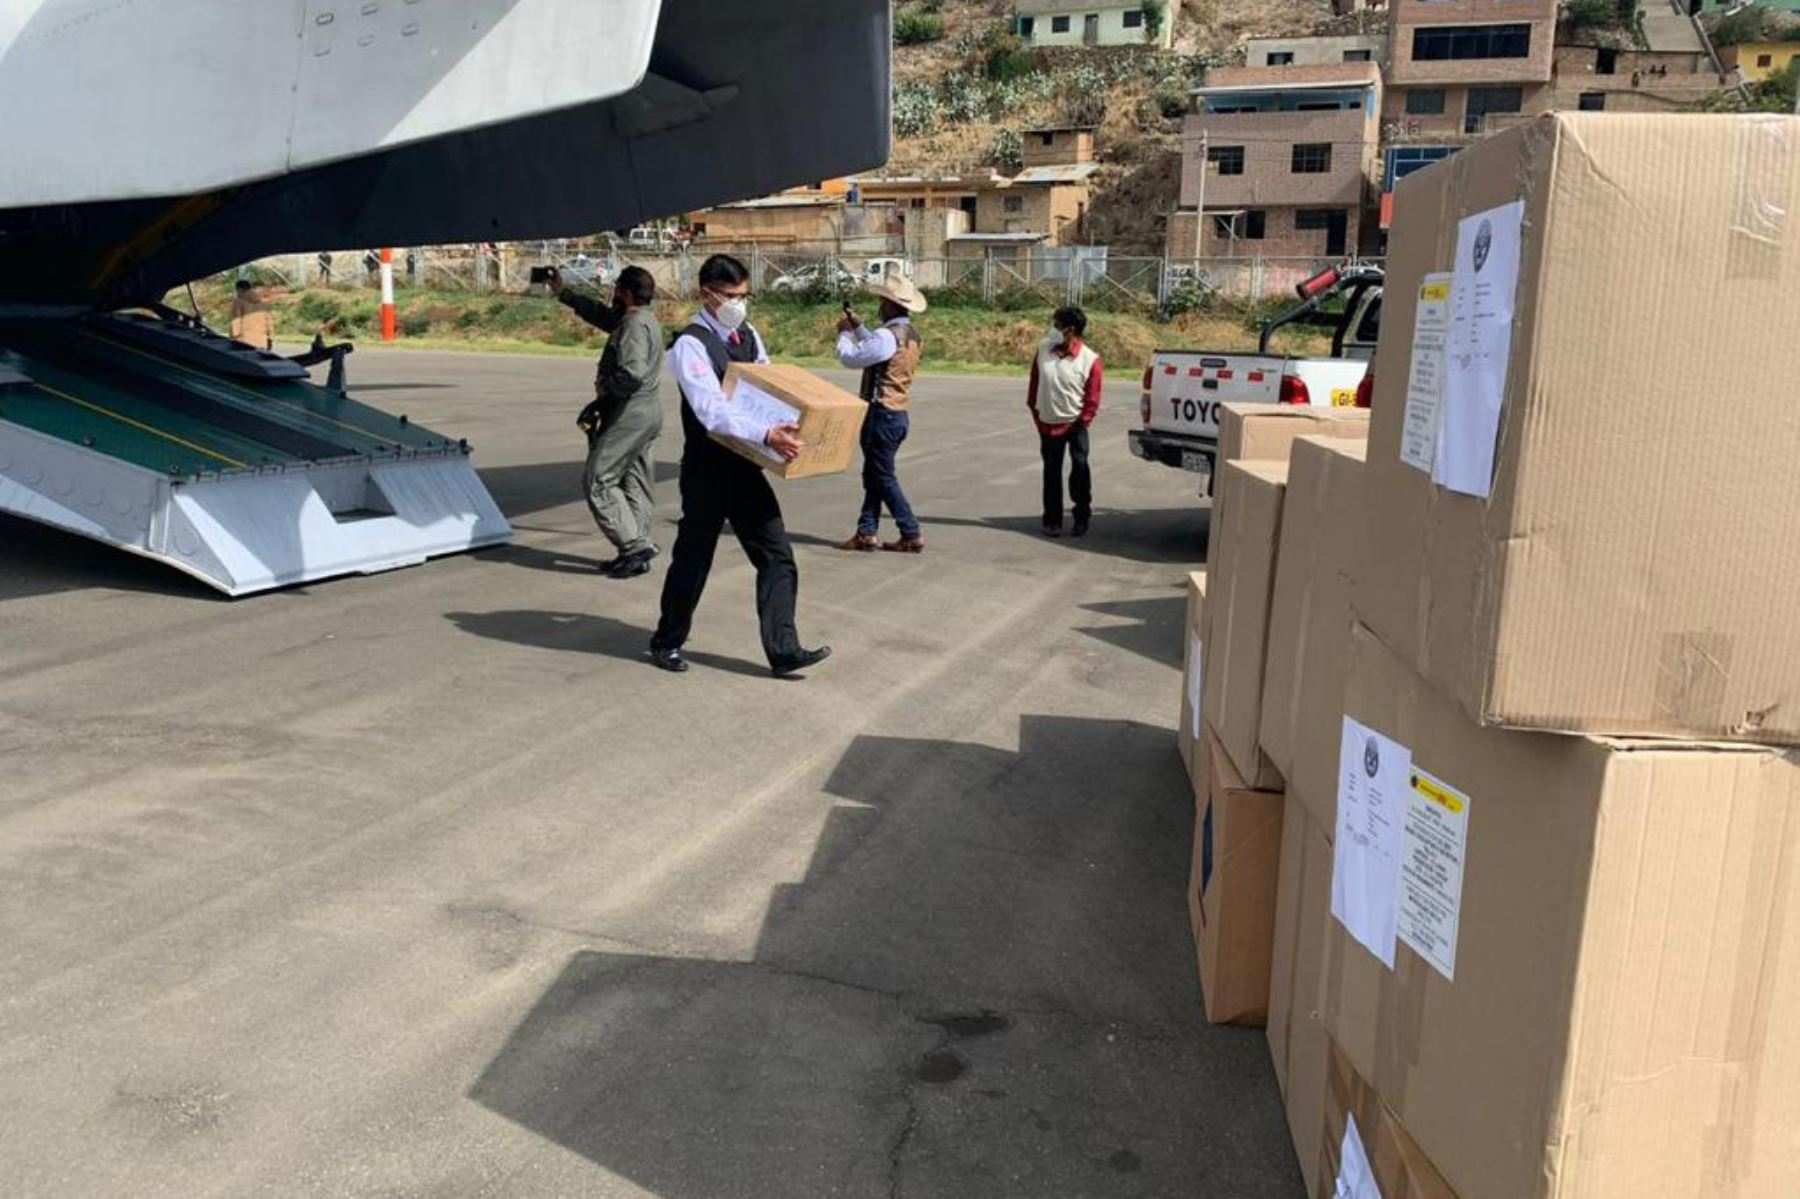 El ministro del Interior, César Gentille llega a la región Pasco para fortalecer las acciones de lucha contra el covid -19, mediante la entrega de más de 2 toneladas de equipos de protección personal y medicamentos para la población y el cuerpo policial. Foto: Mininter